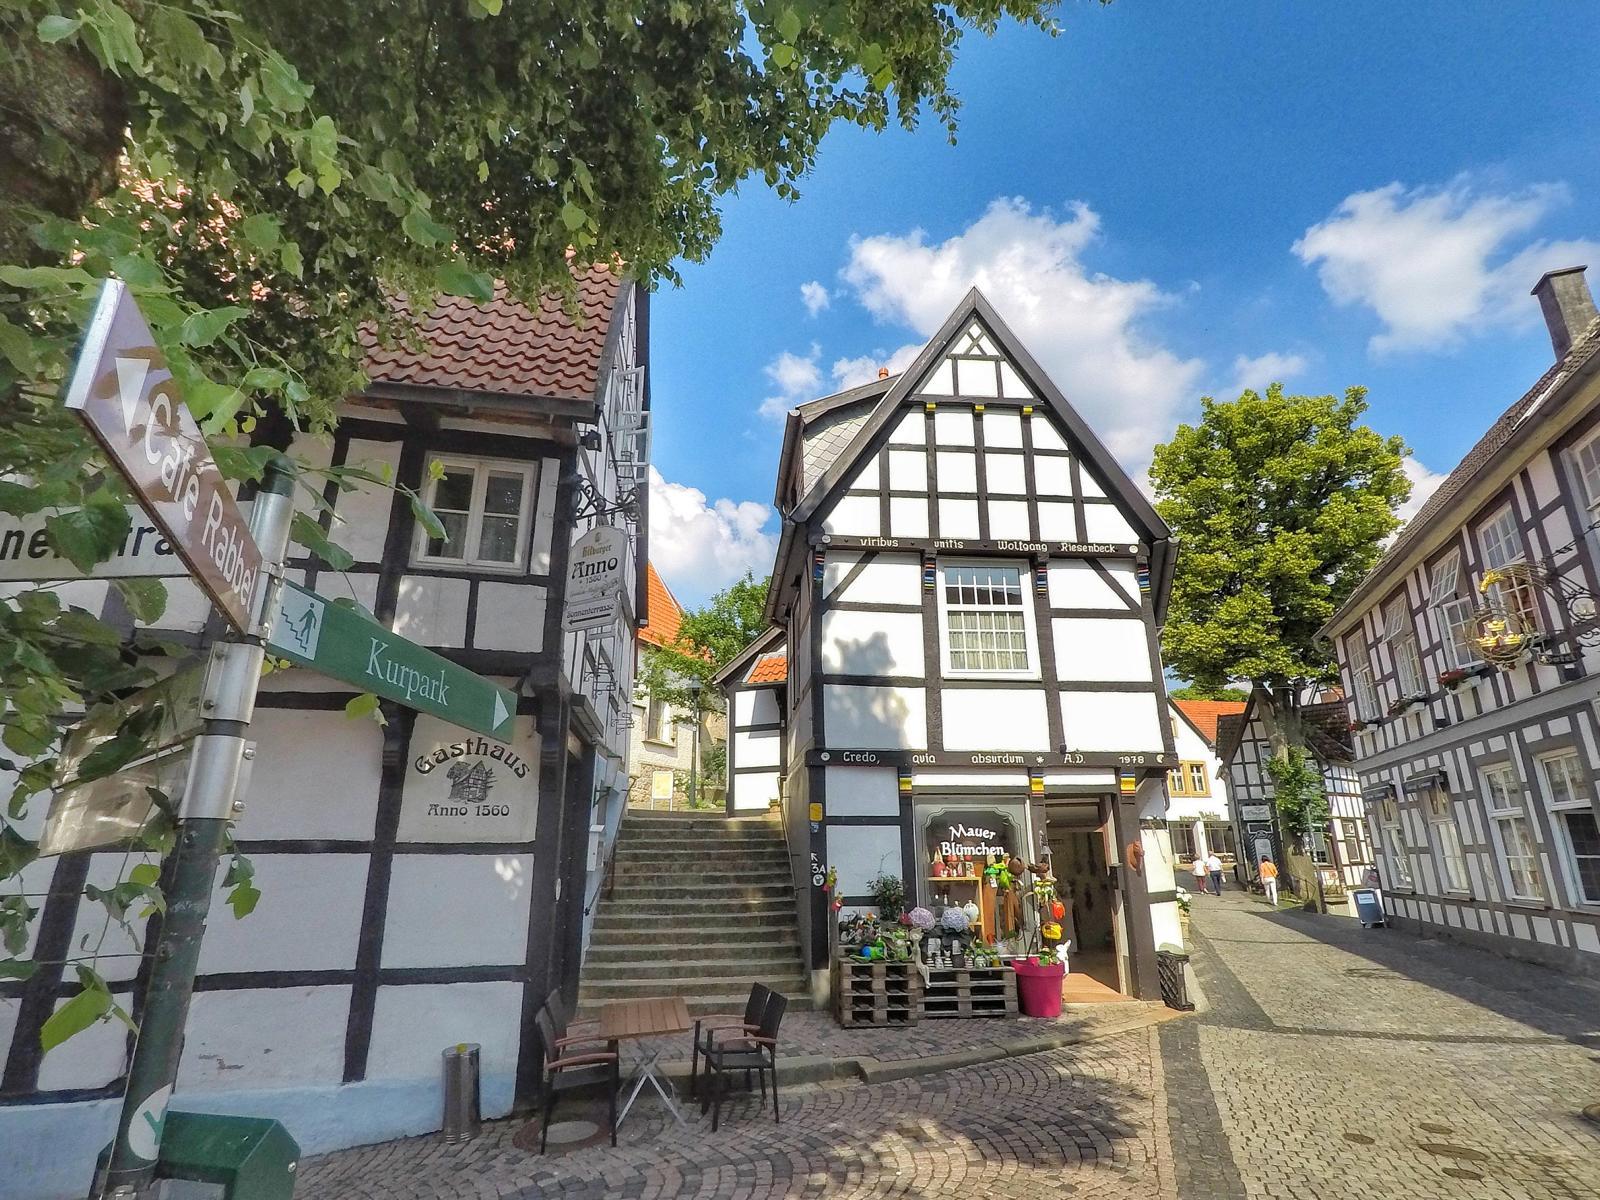 Fachwerkhäuser in Tecklenburg im Münsterland